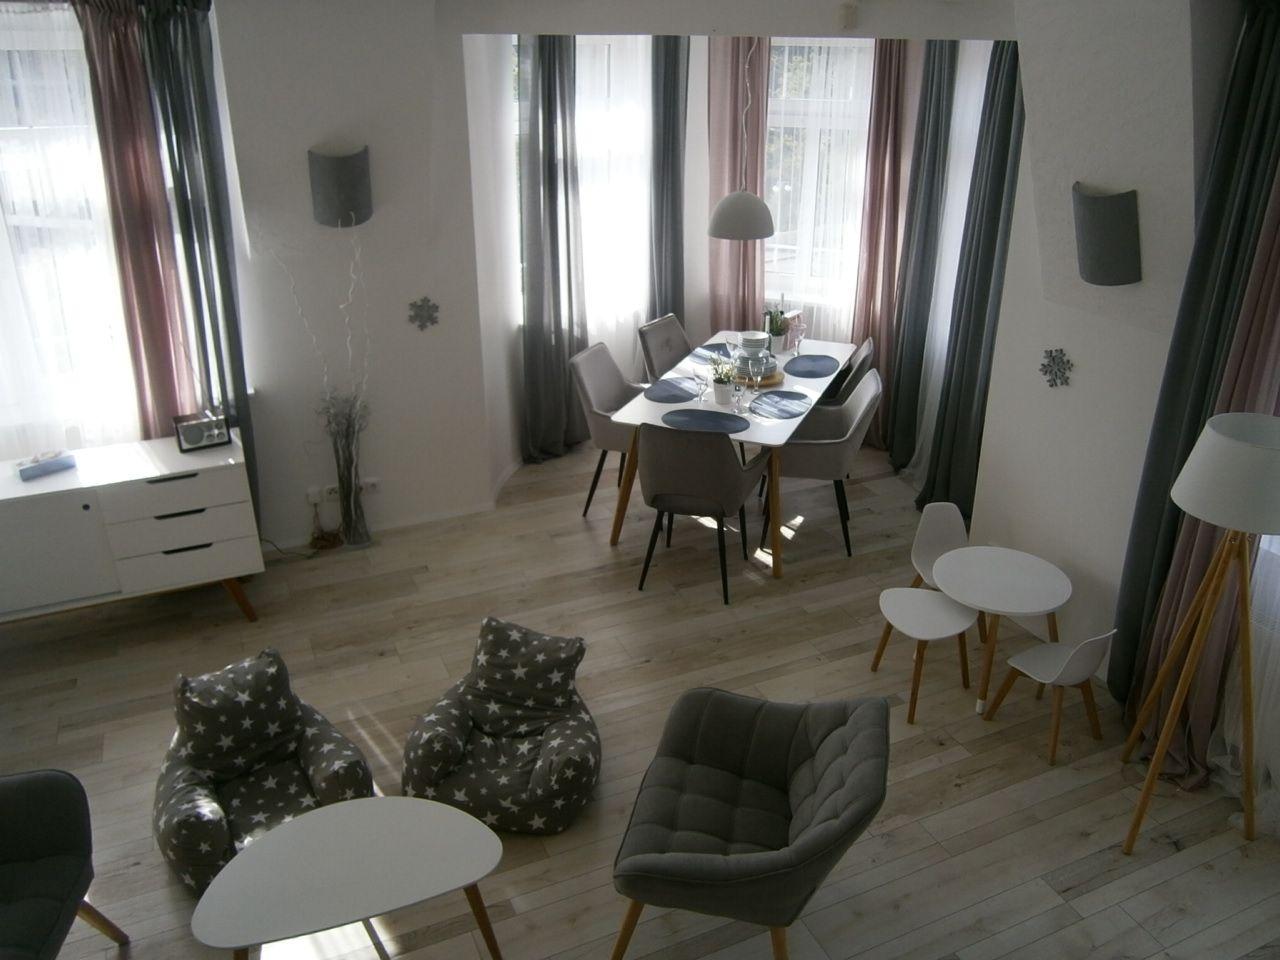 Prodej luxusního a krásného mezonetového bytu 7+1, 210 m2, Karlovy Vary, nábřeží Jana Palacha